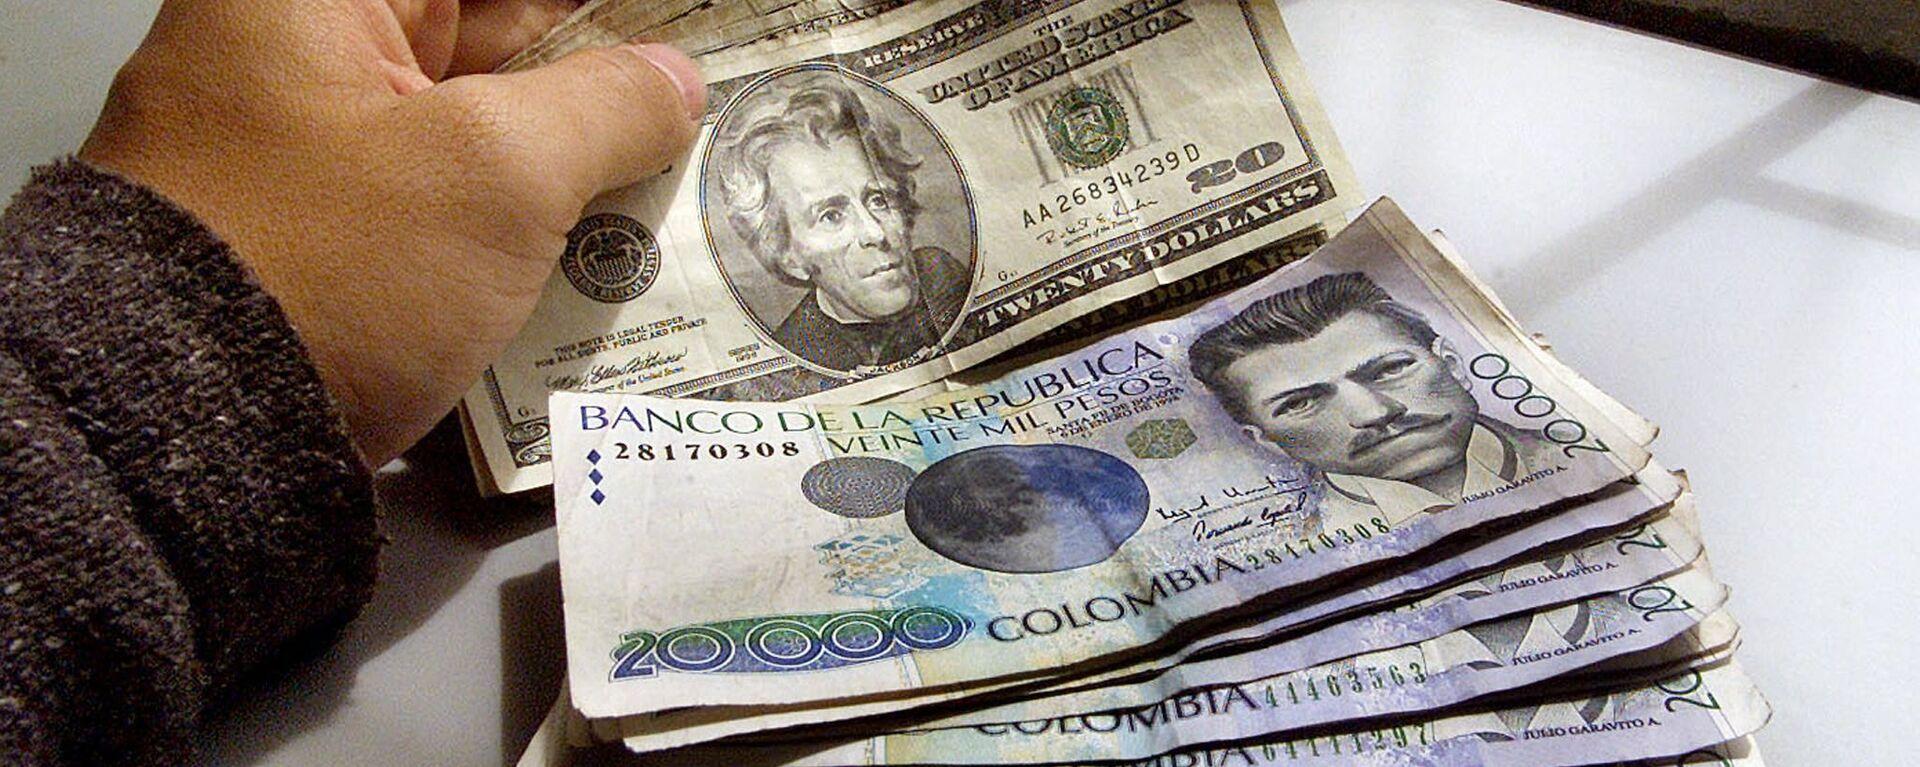 Pesos colombianos y dólares - Sputnik Mundo, 1920, 04.02.2021